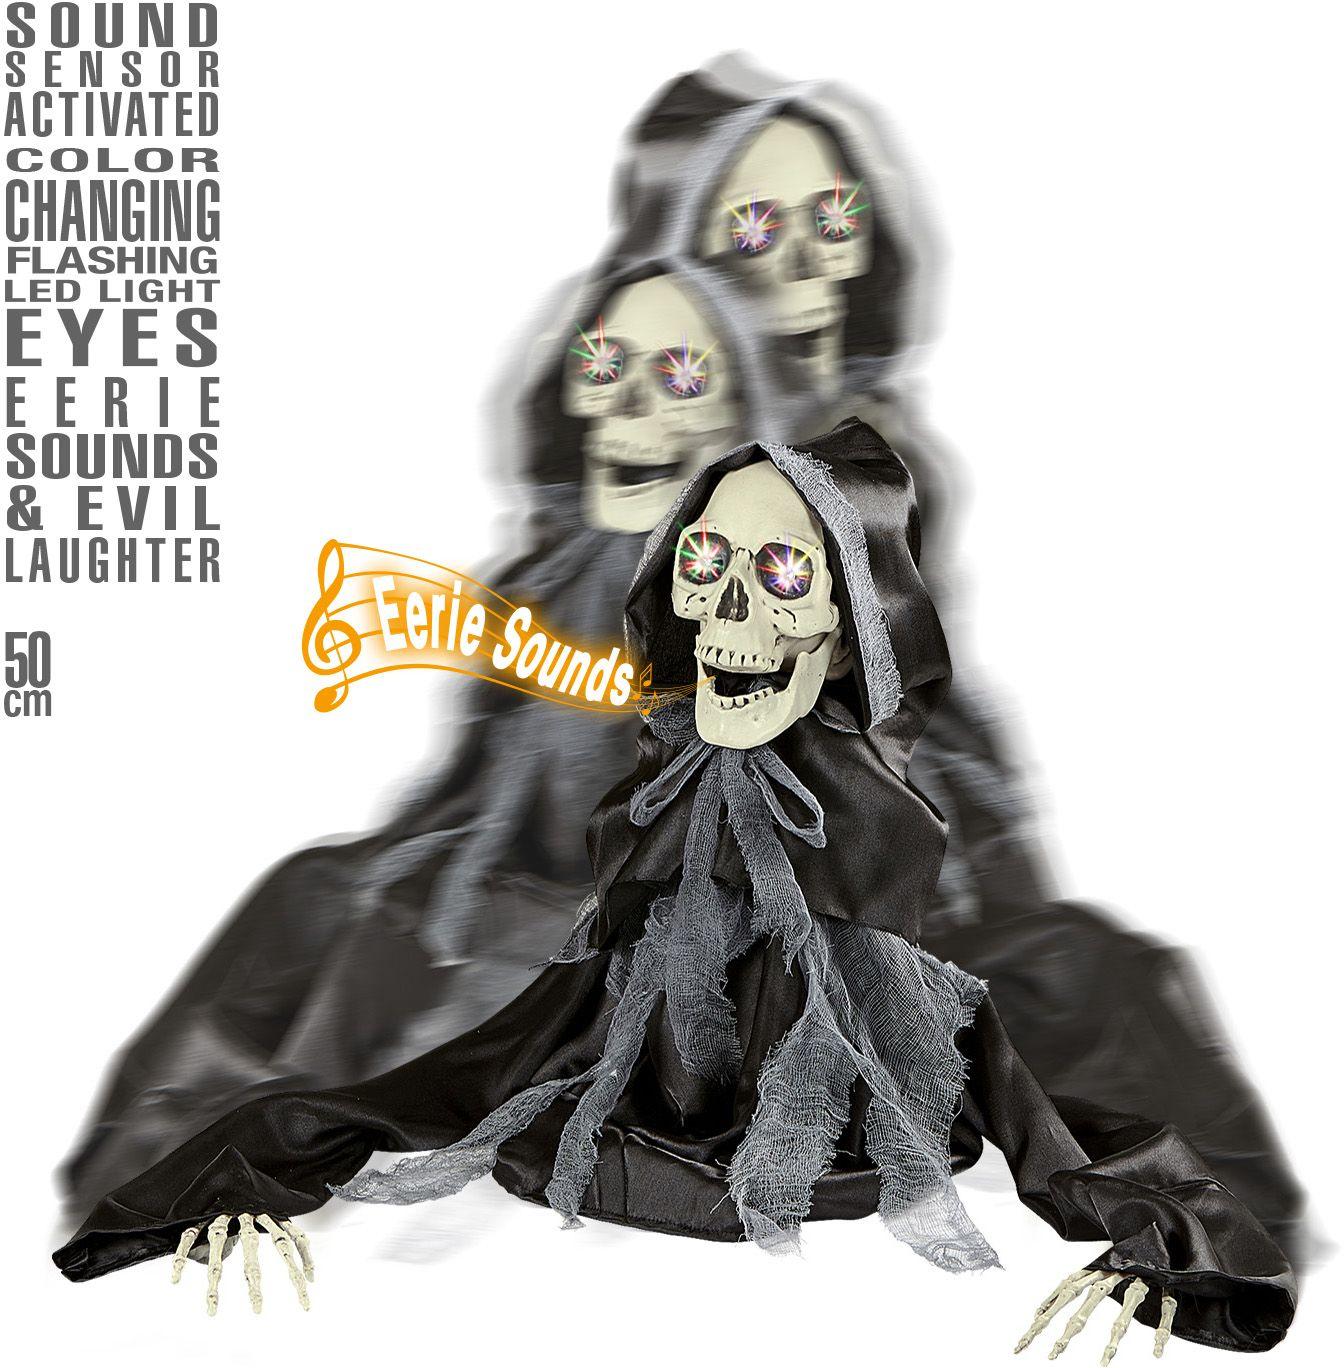 Magere Hein halloween versiering